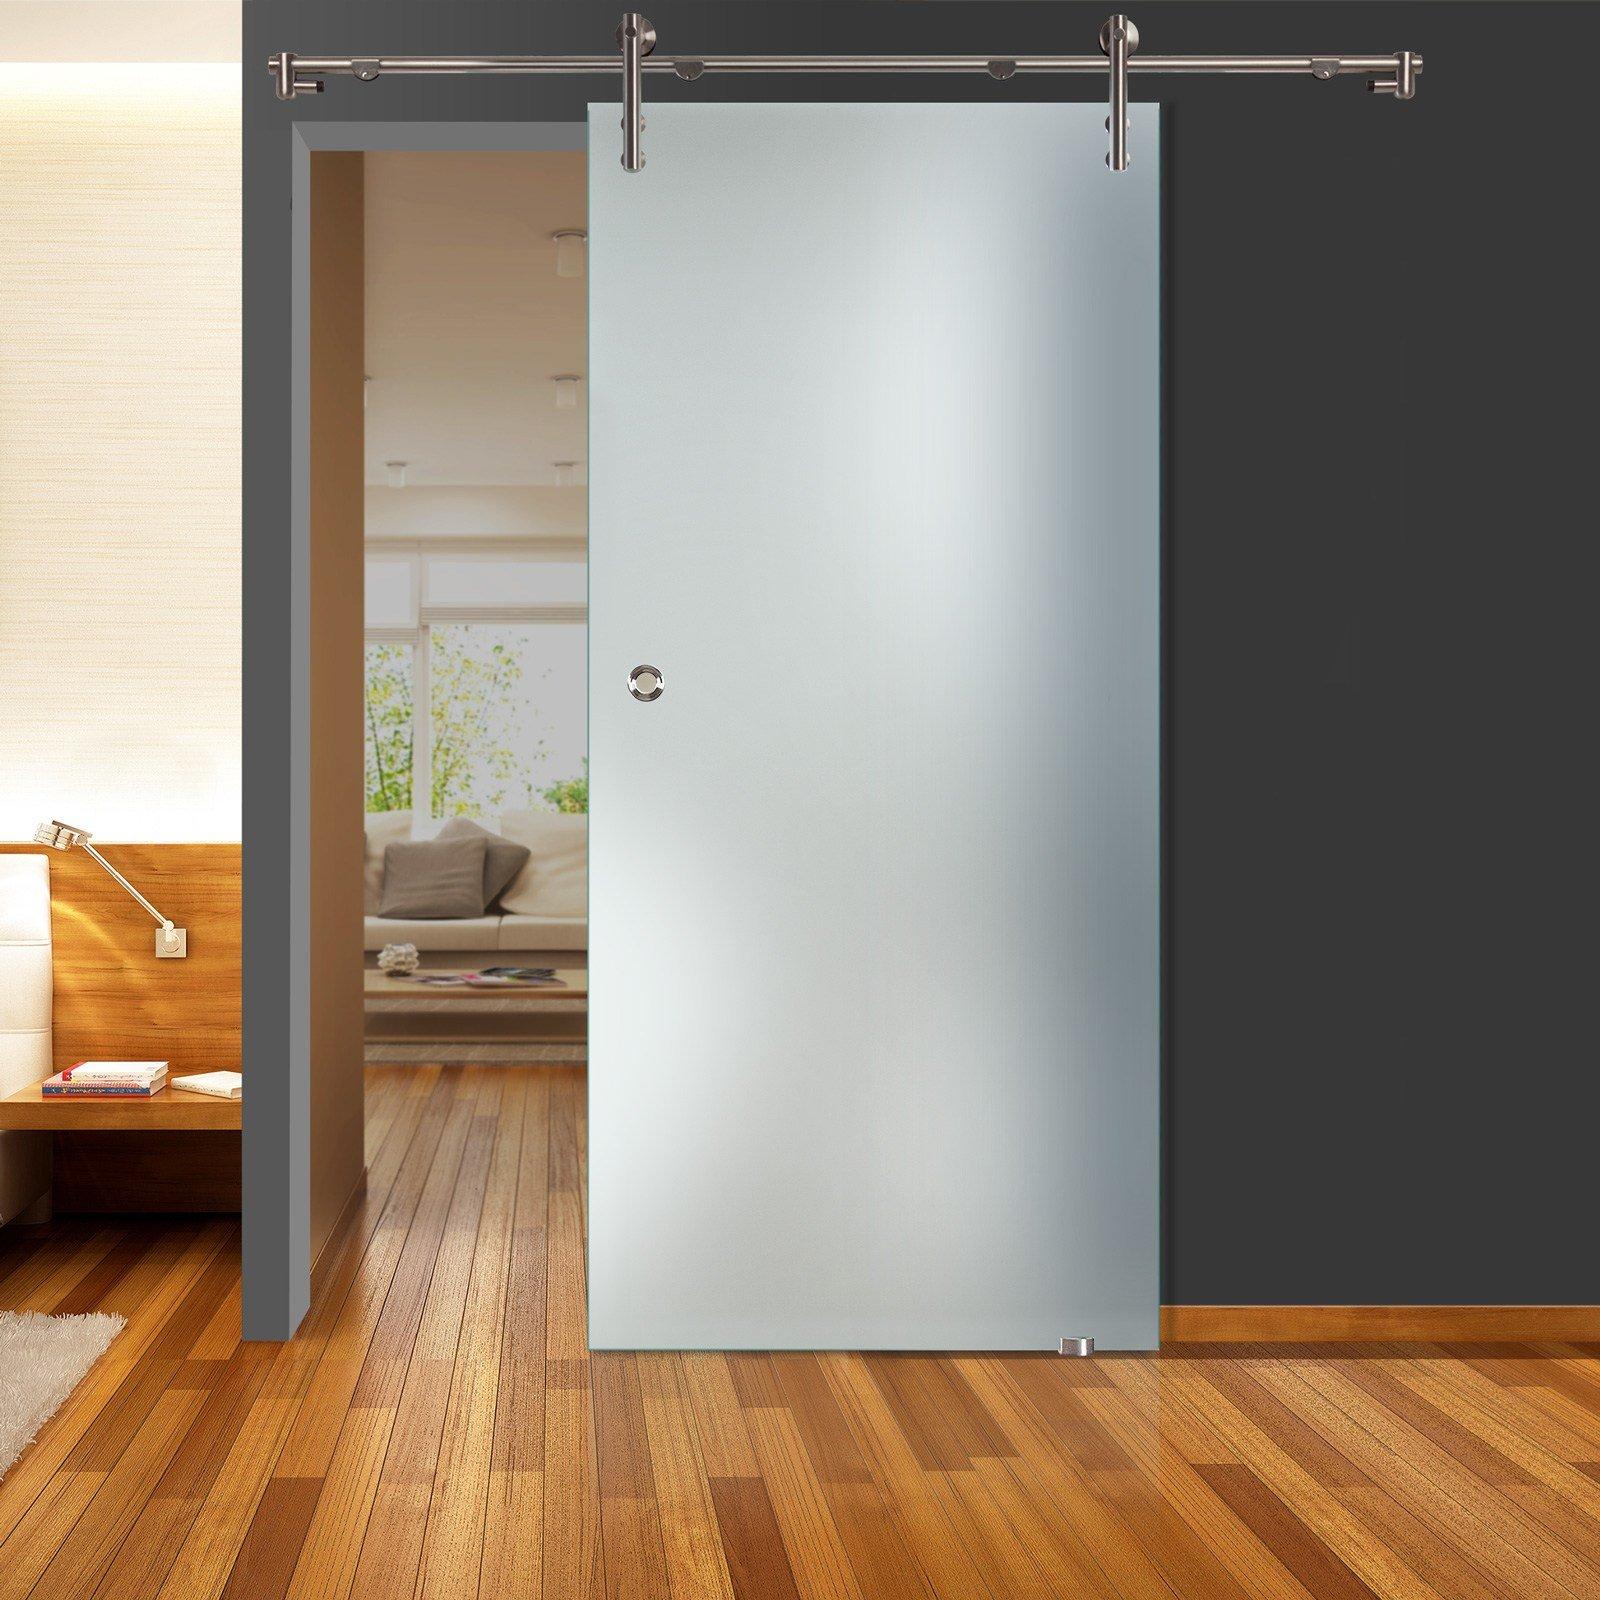 Correderas de cristal de puerta de zona llena mate QSS011 - V1000 - GM 900 x 2050 mm